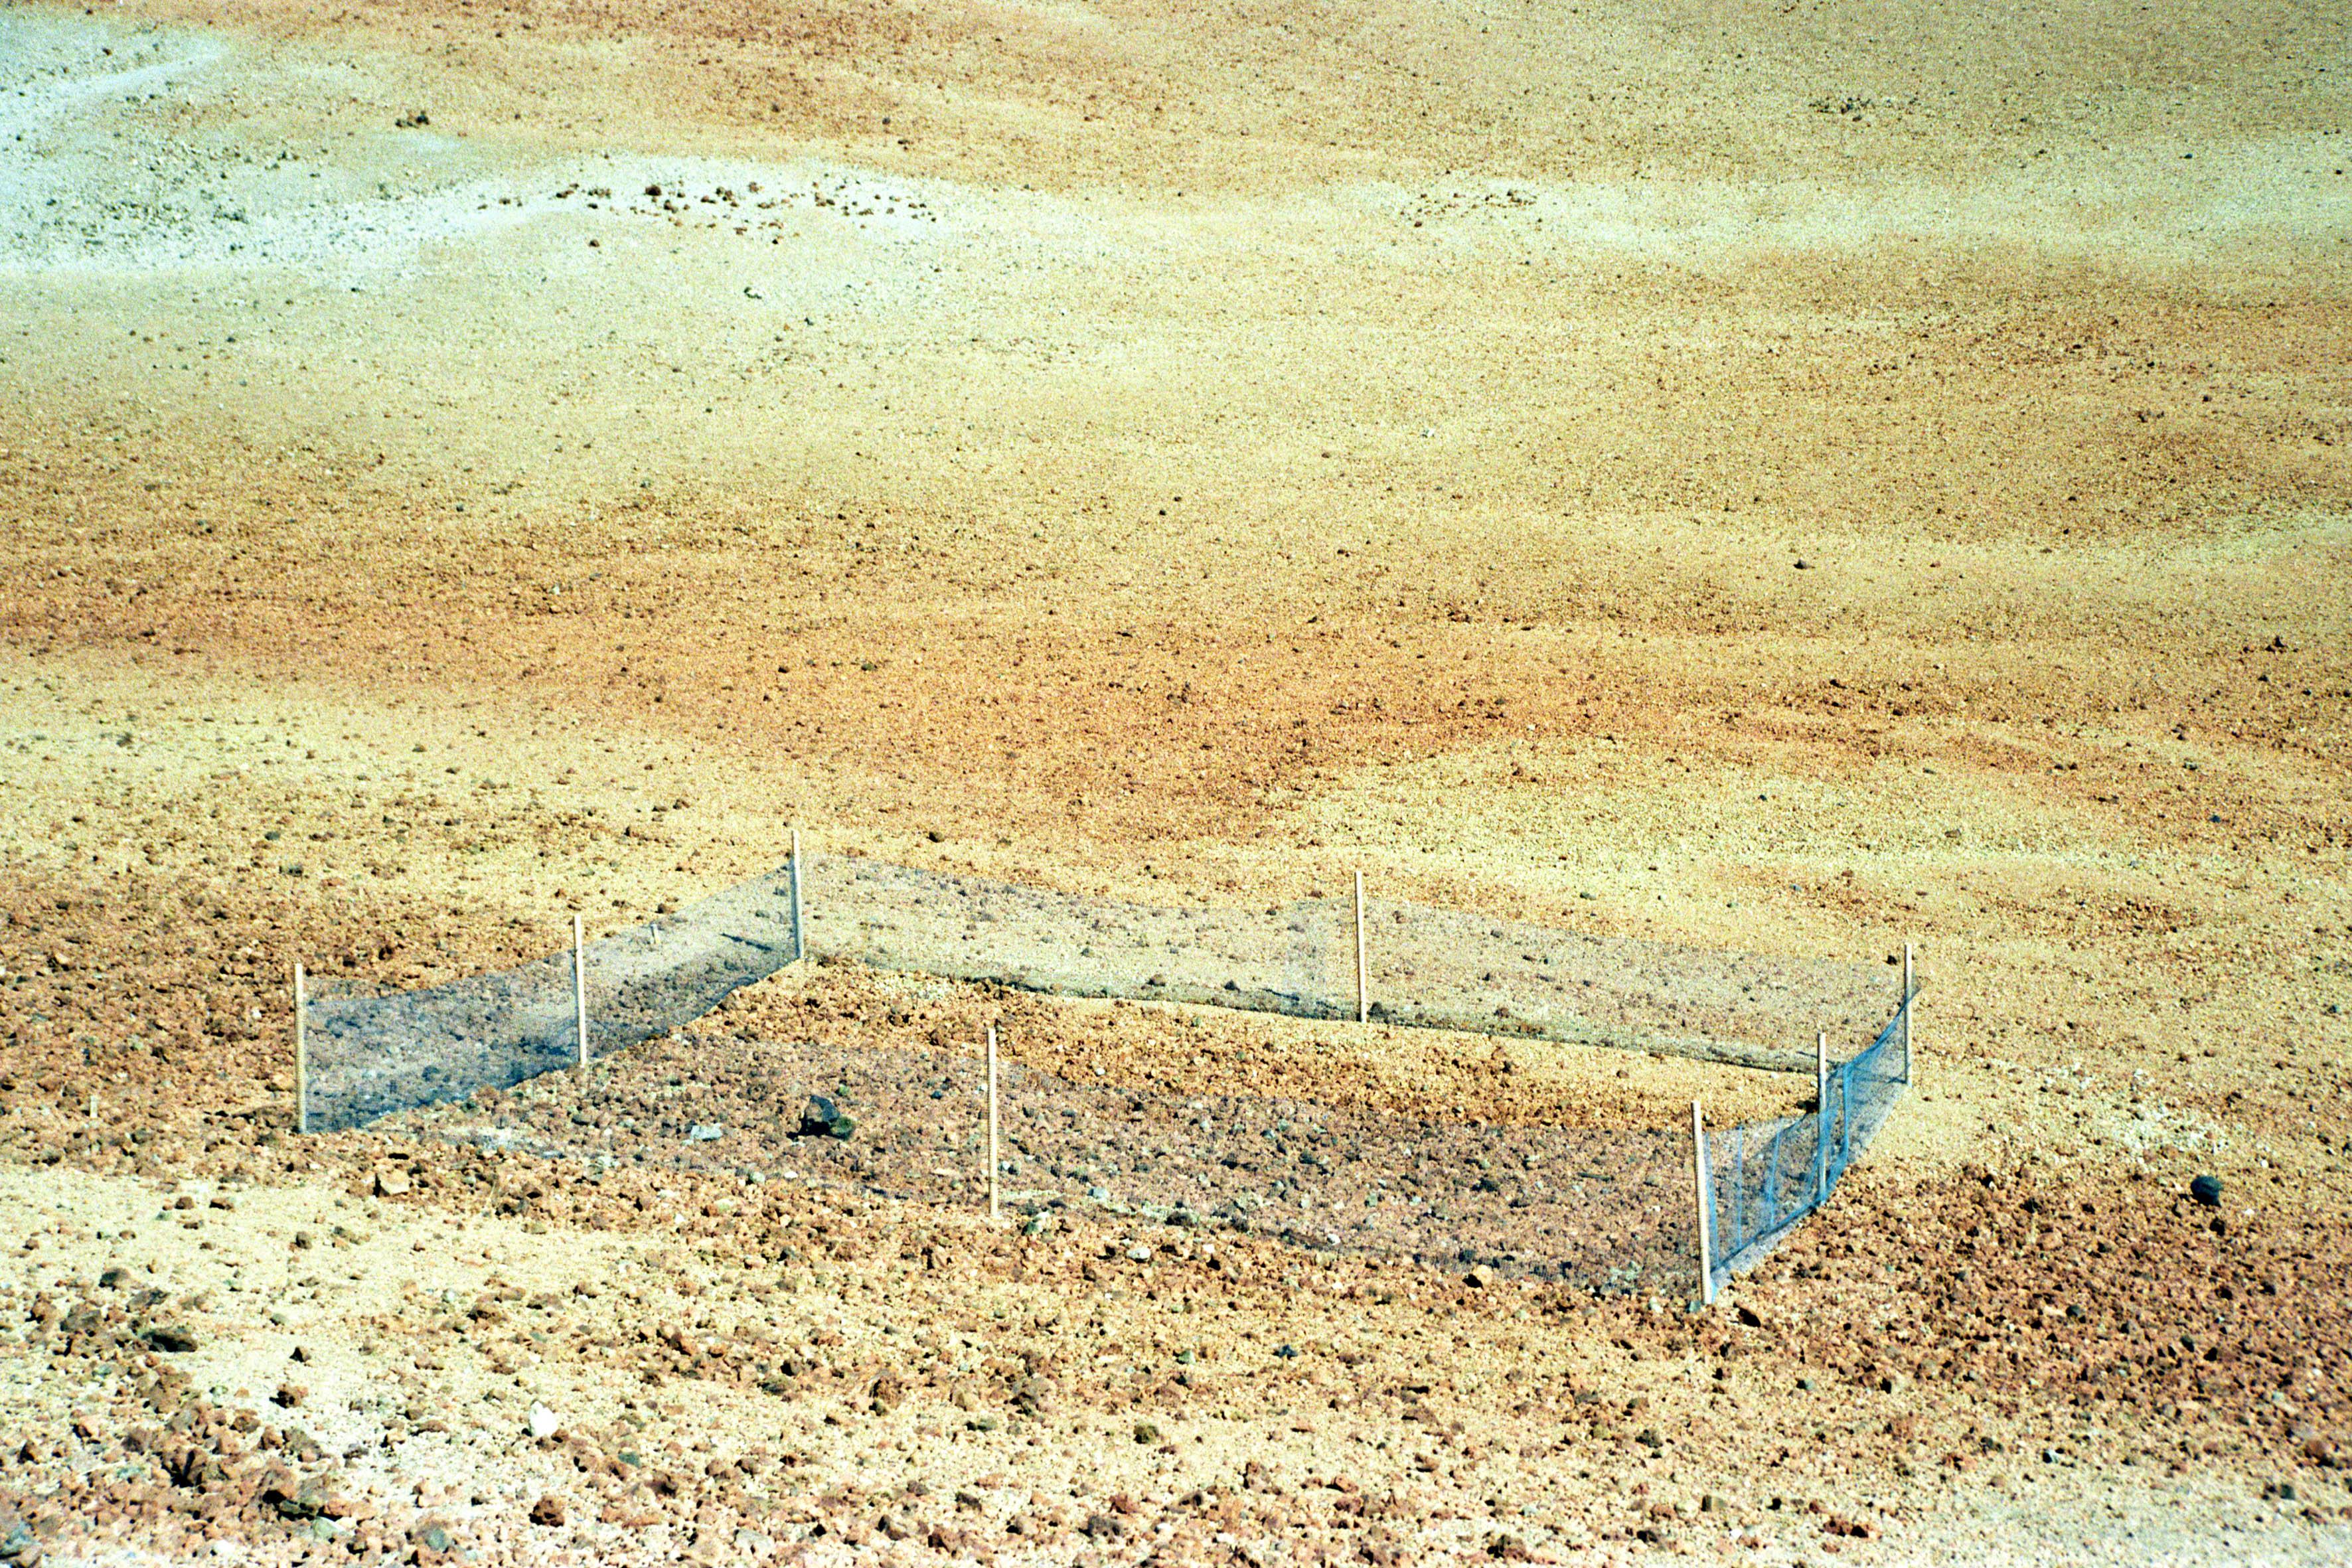 Wüste.Zaun2.jpg